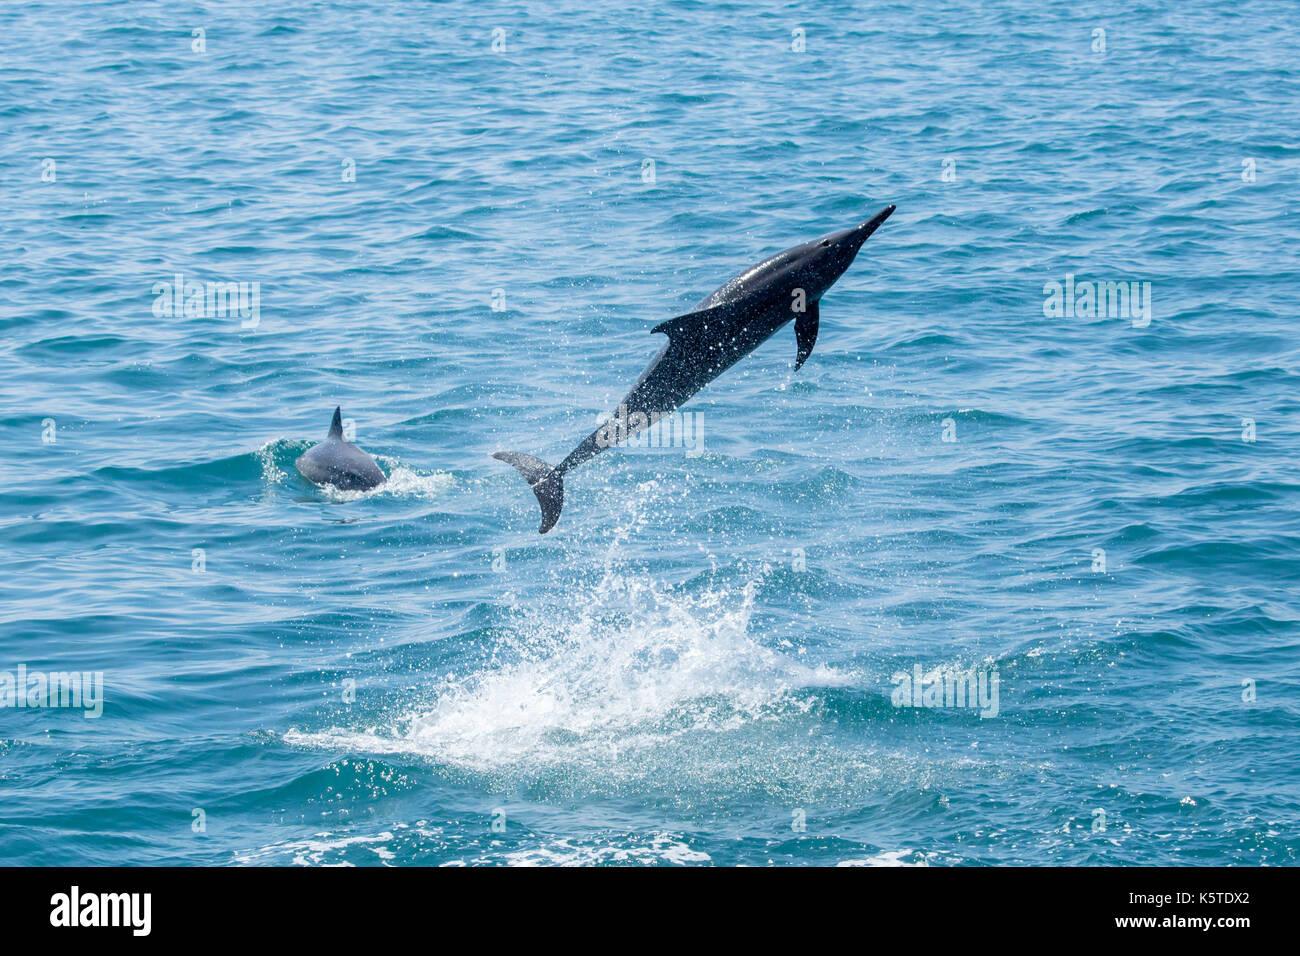 Gray's delfines o hawaiano delfines (Stenella longirostris) saltando y girando en el océano Pacífico frente a la costa este de Taiwán Imagen De Stock